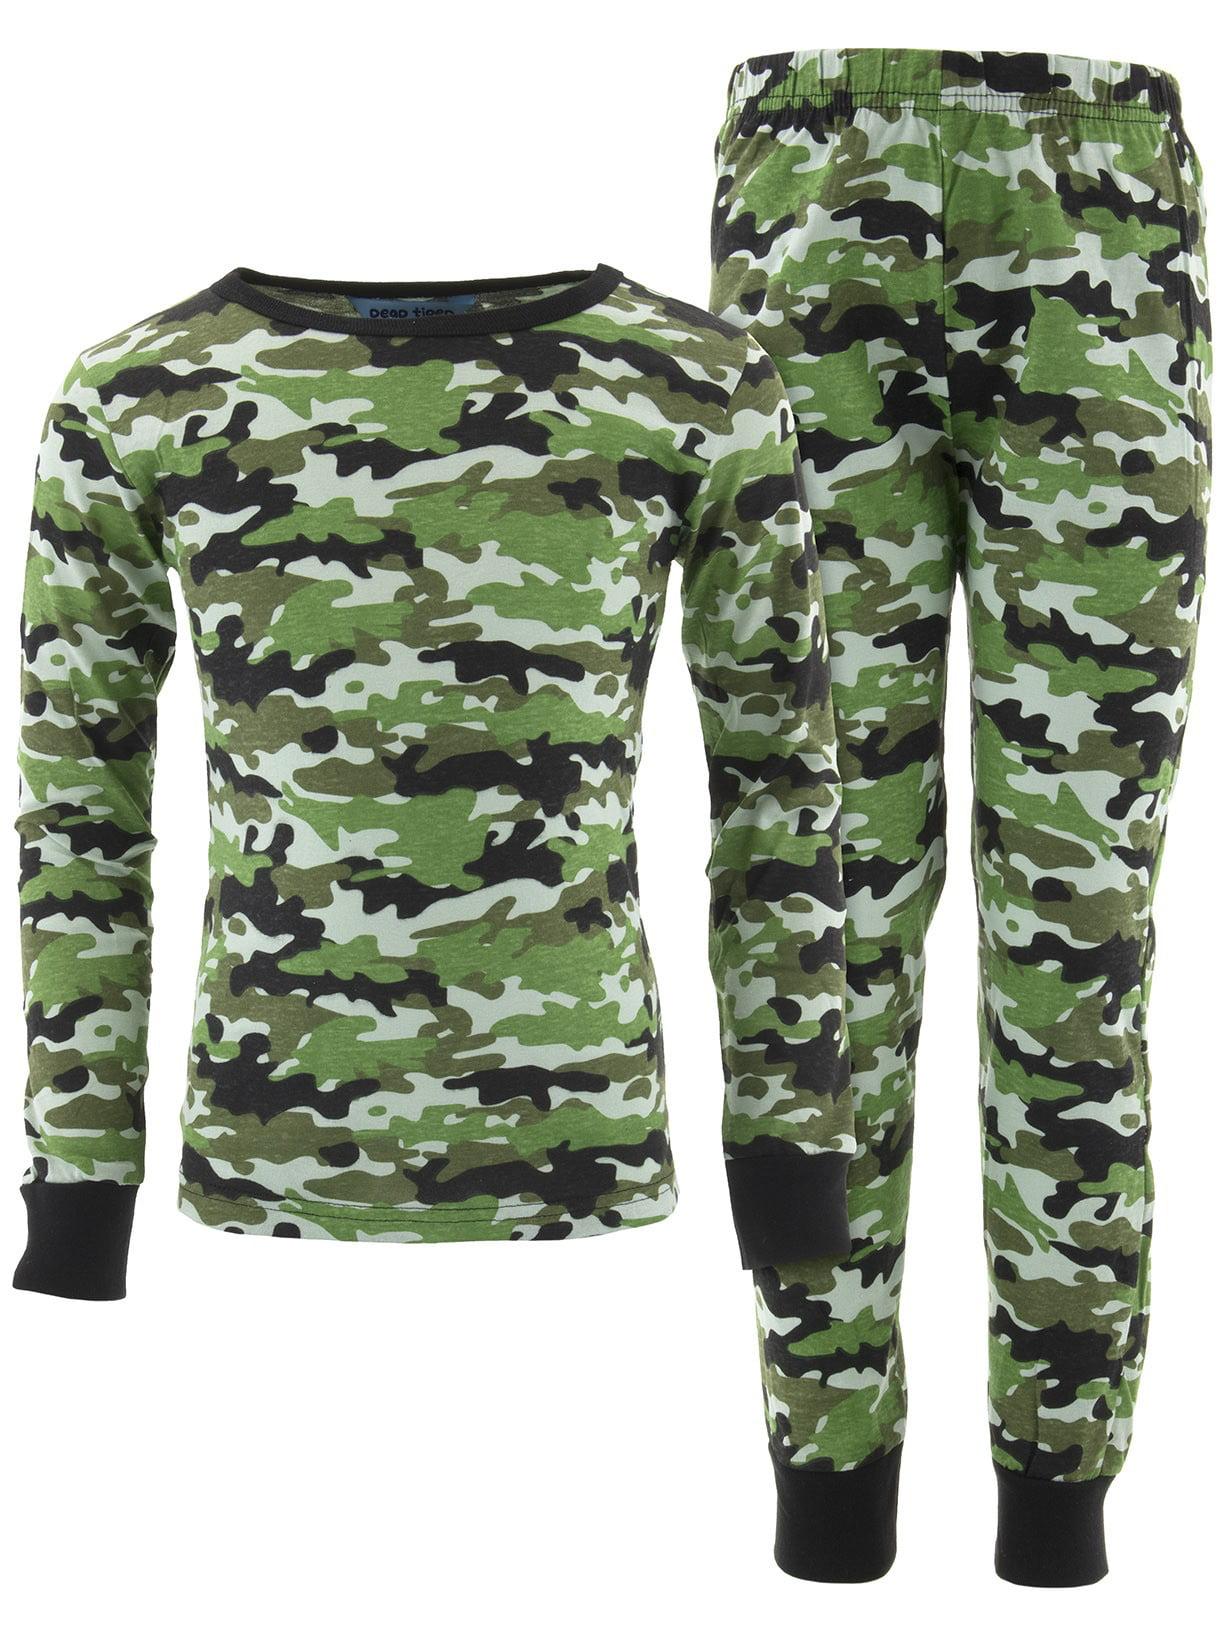 Dead Tired Boys Green Camo Cotton Pajamas